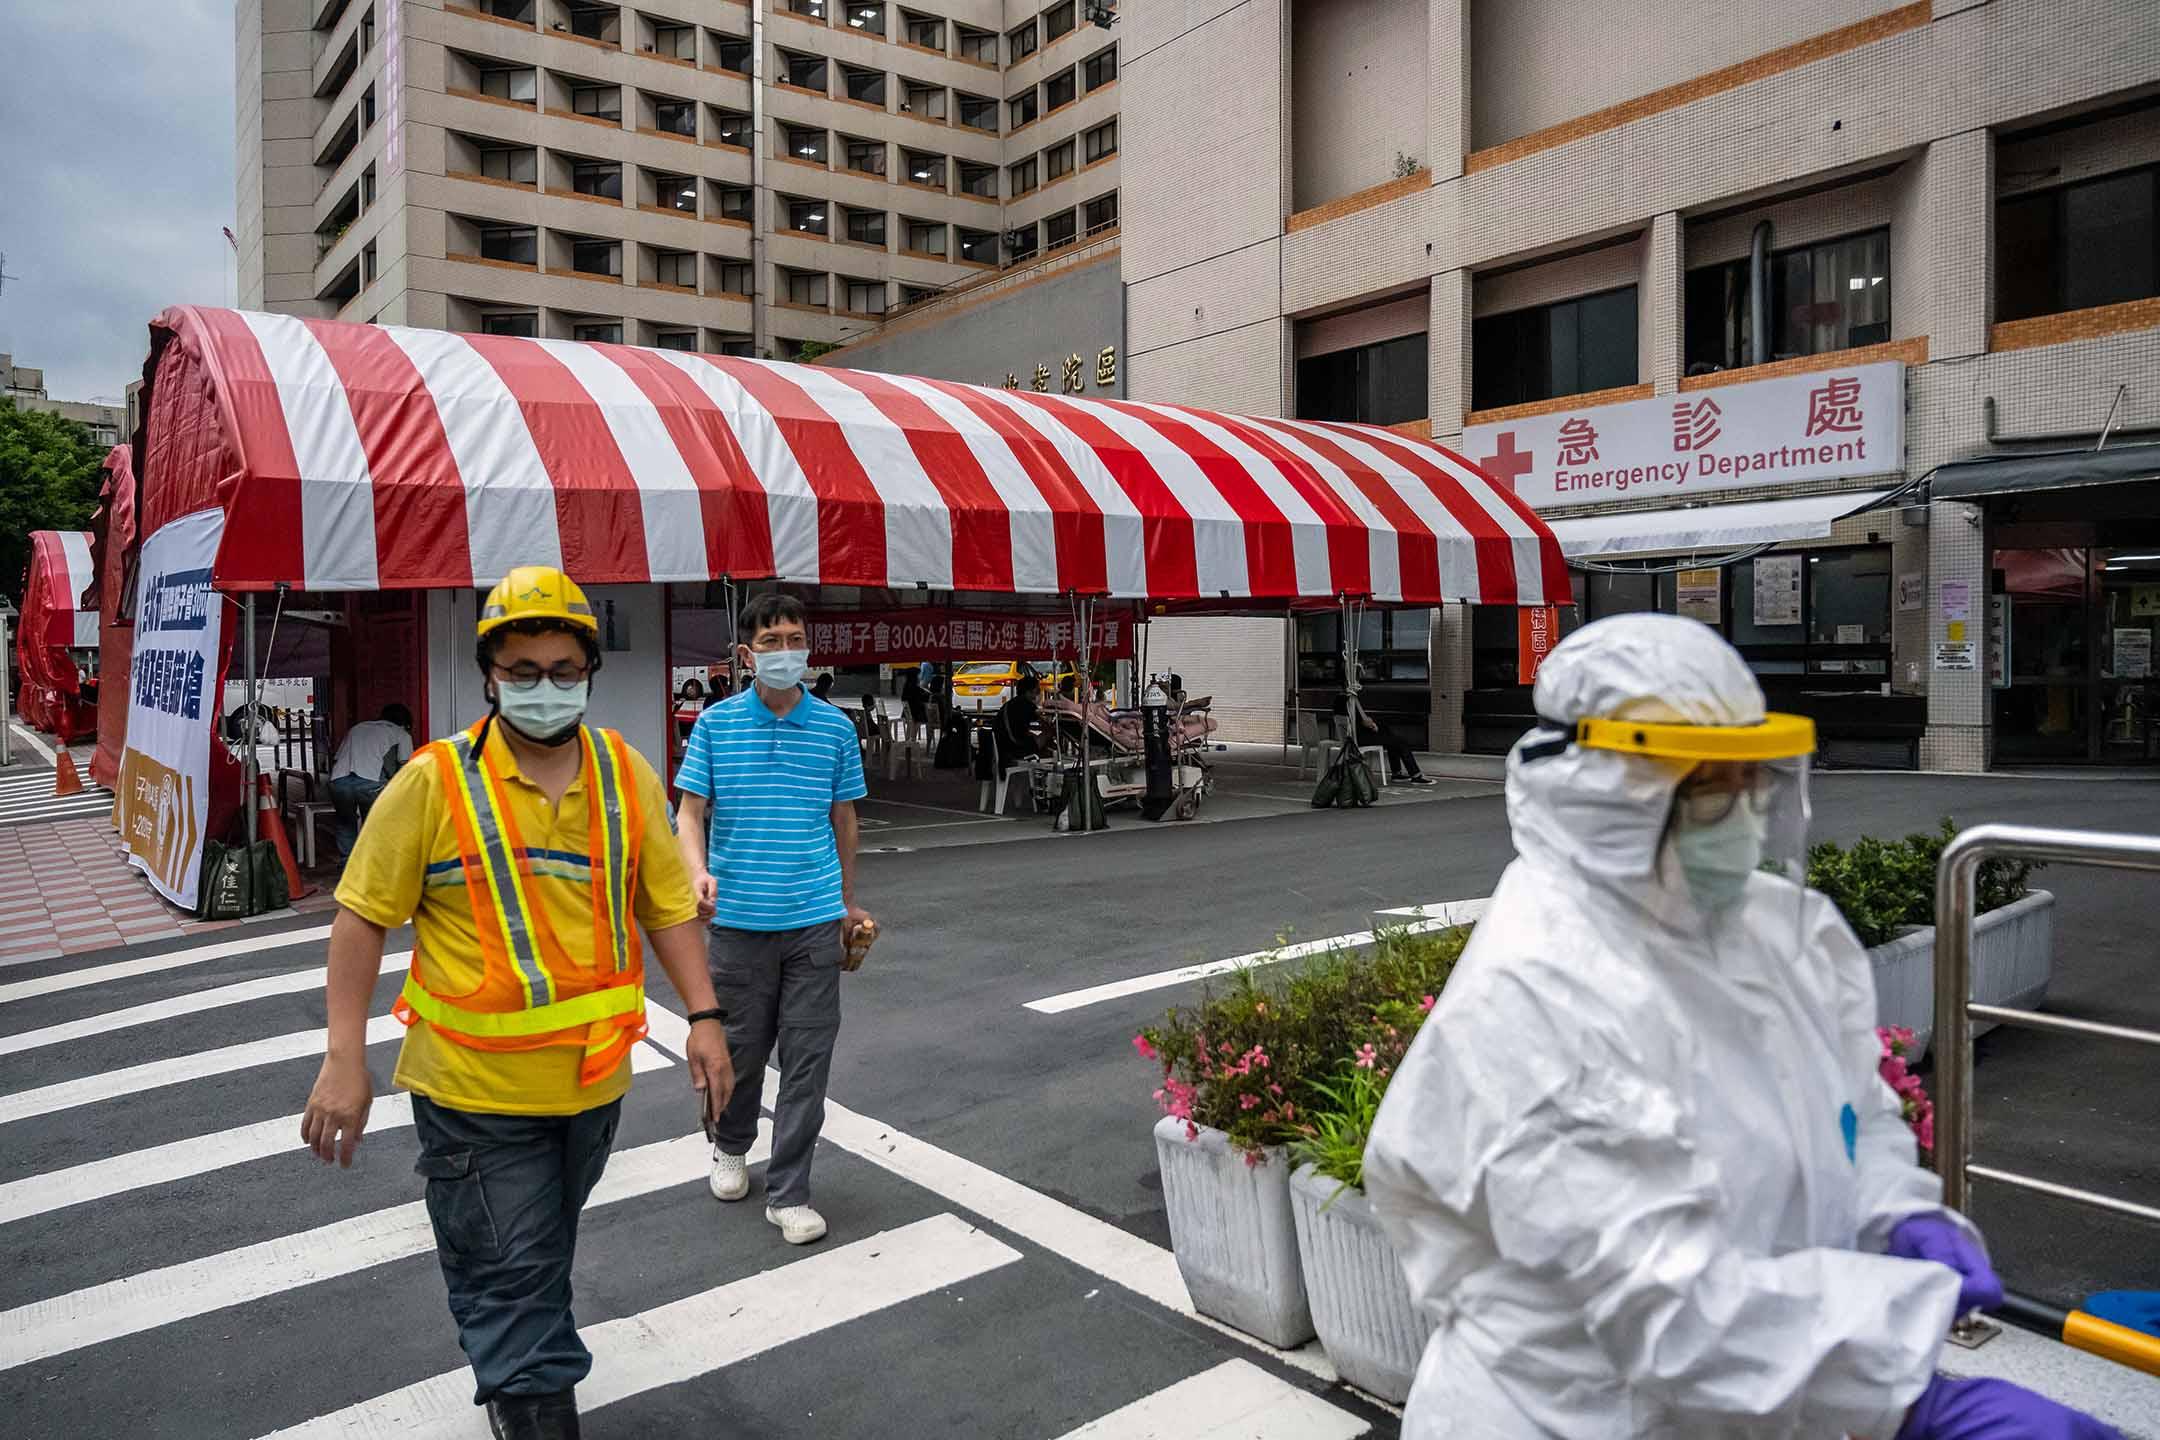 2021年6月3日台灣台北,戴著防護口罩的行人走過一家醫院外搭建的帳篷。